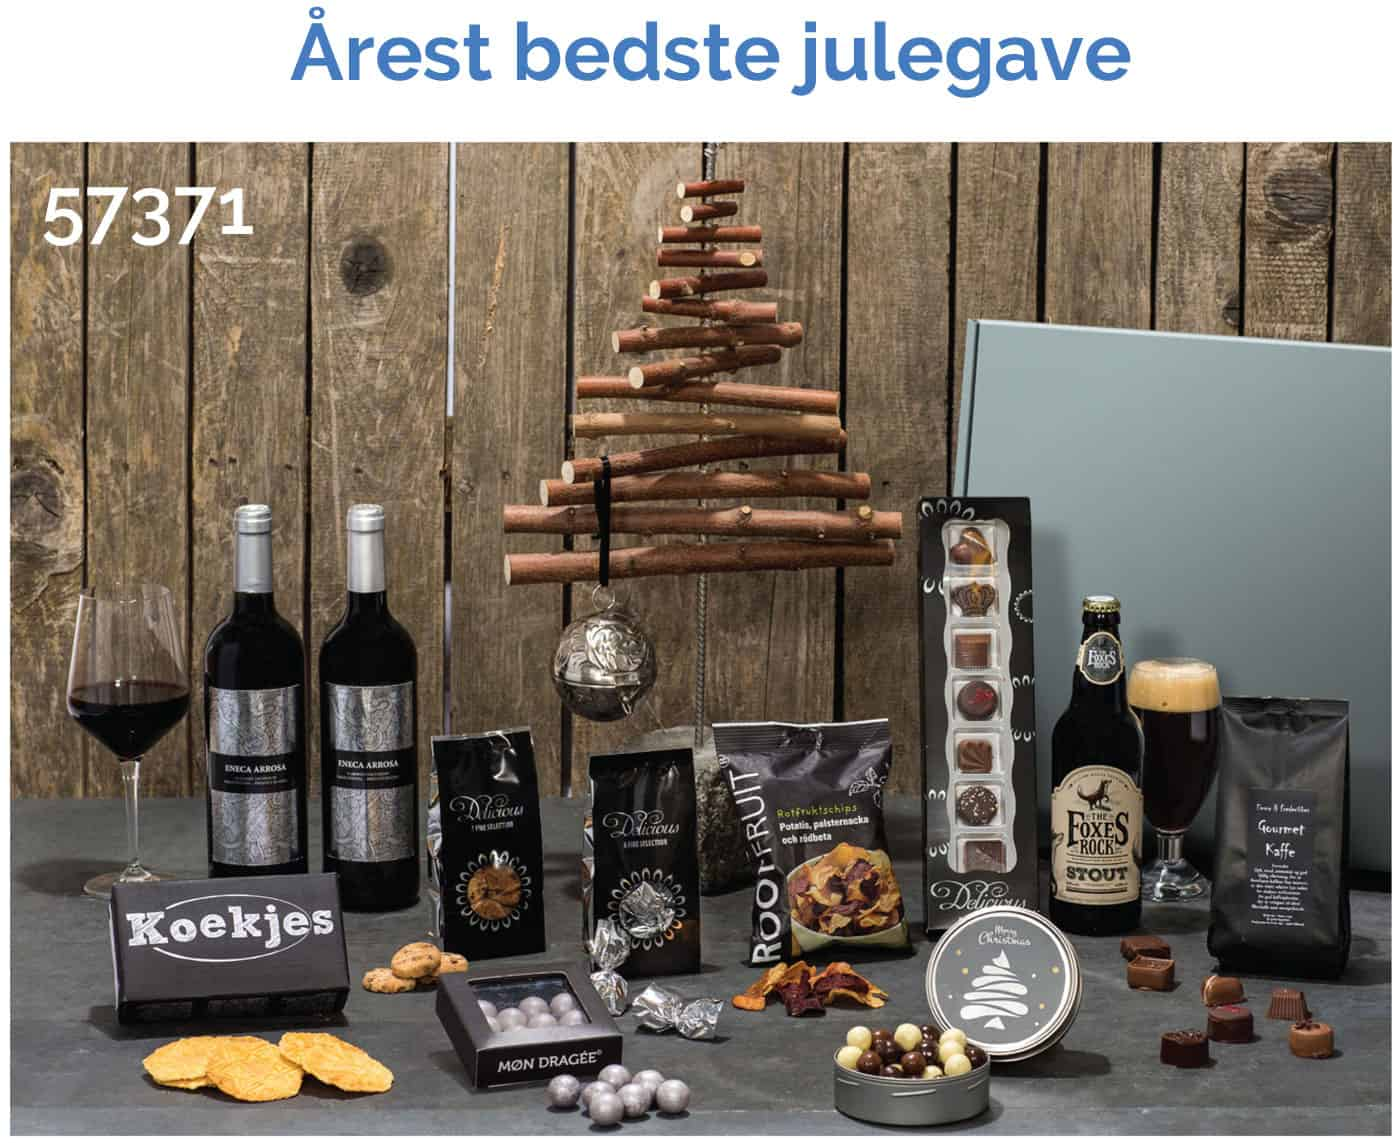 Årets bedste julegave - 57371